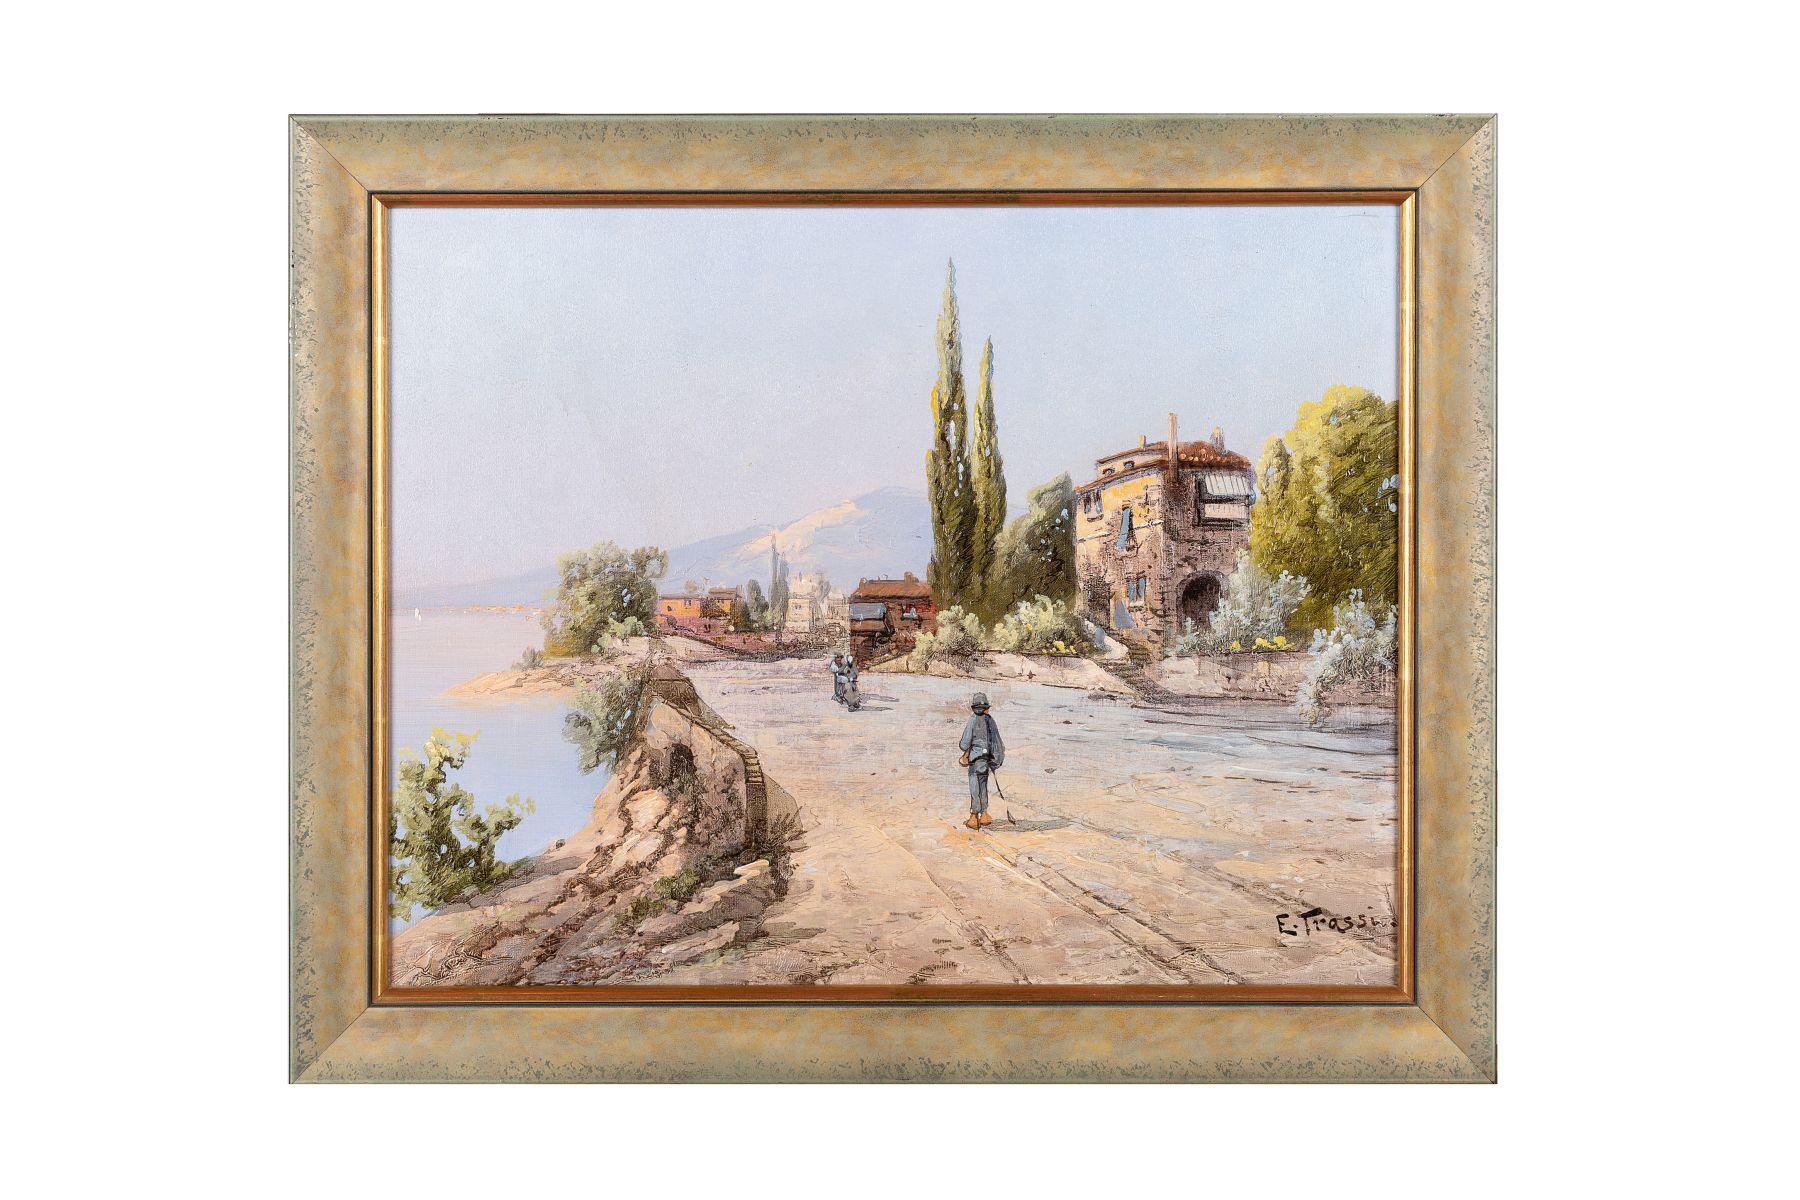 #98 E. Trassi, Italian Coastal Landscape, Around 1900 | E. Trassi, Italienische Küstenlandschaft, um 1900 Image